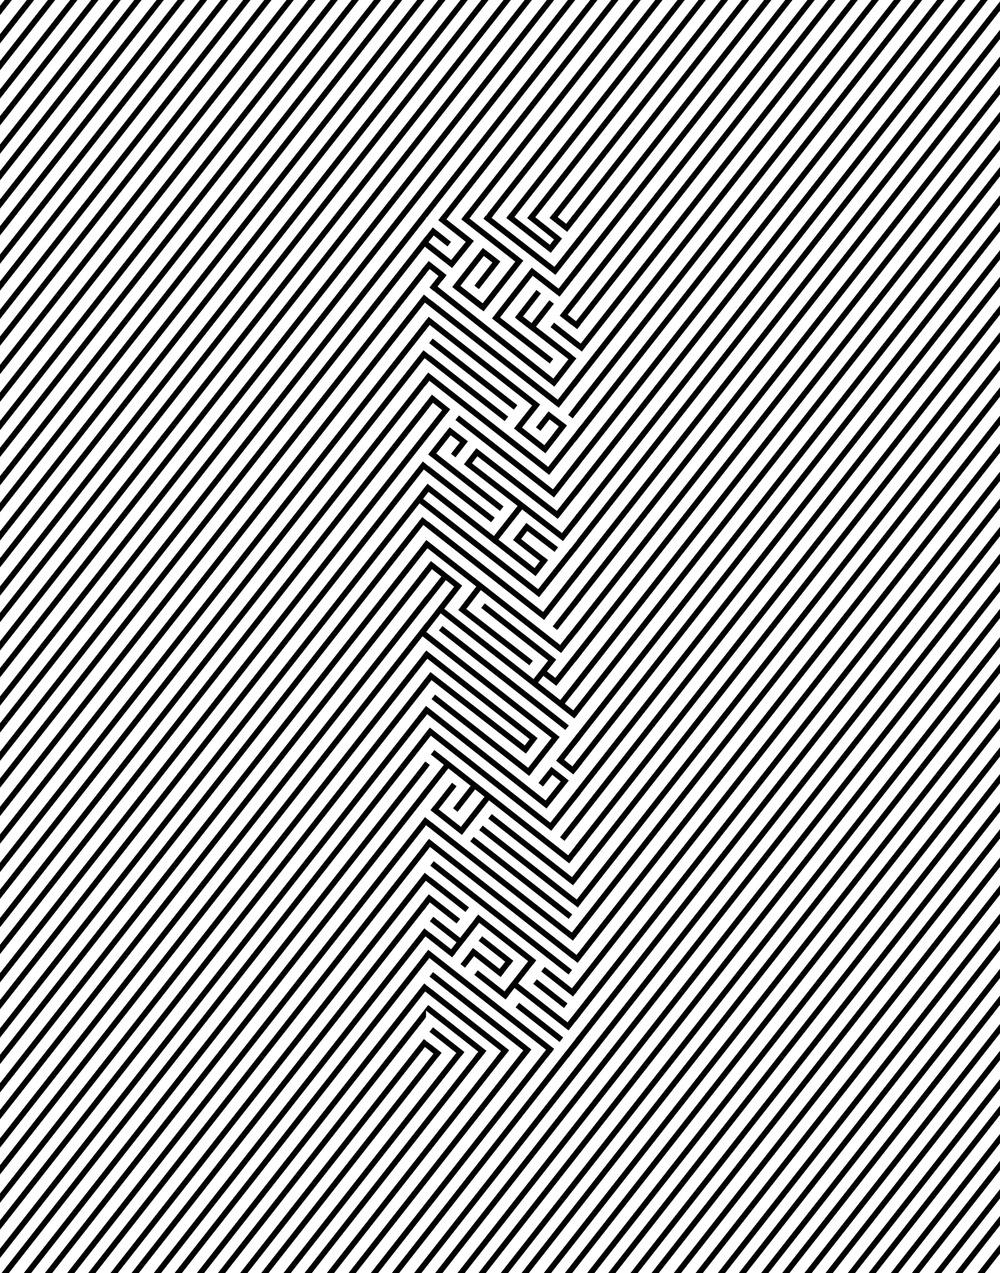 ijkl-01.jpg